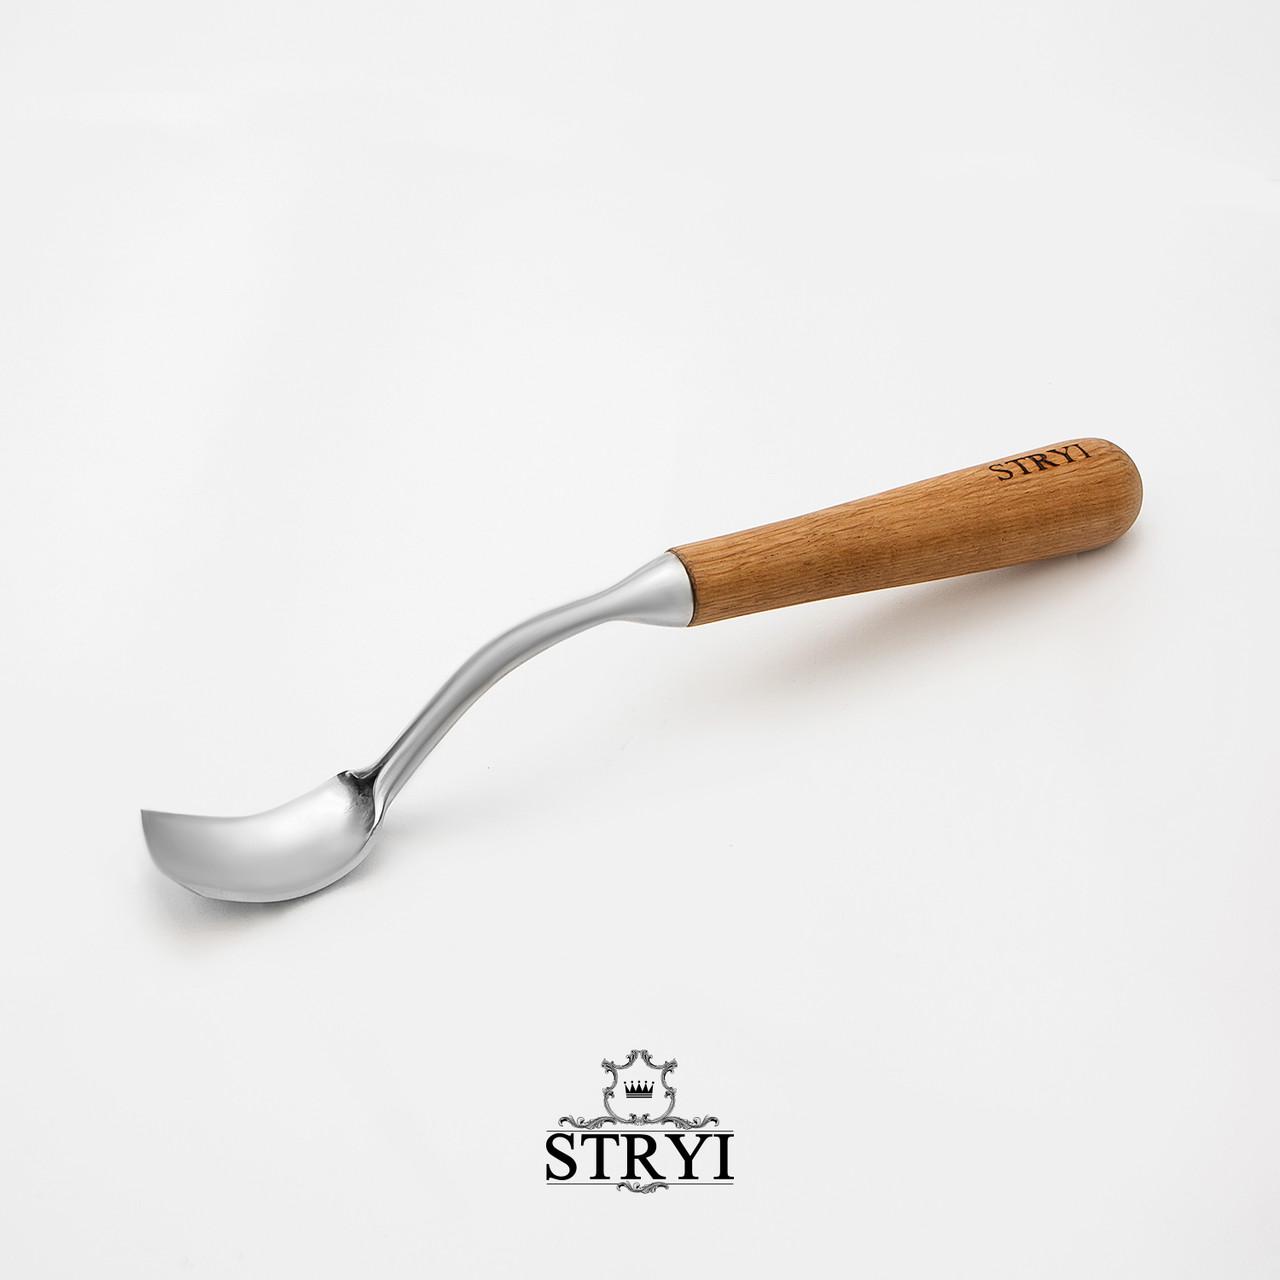 Стамеска-клюкарза выборка для резьбы по дереву,  30мм от производителя STRYI